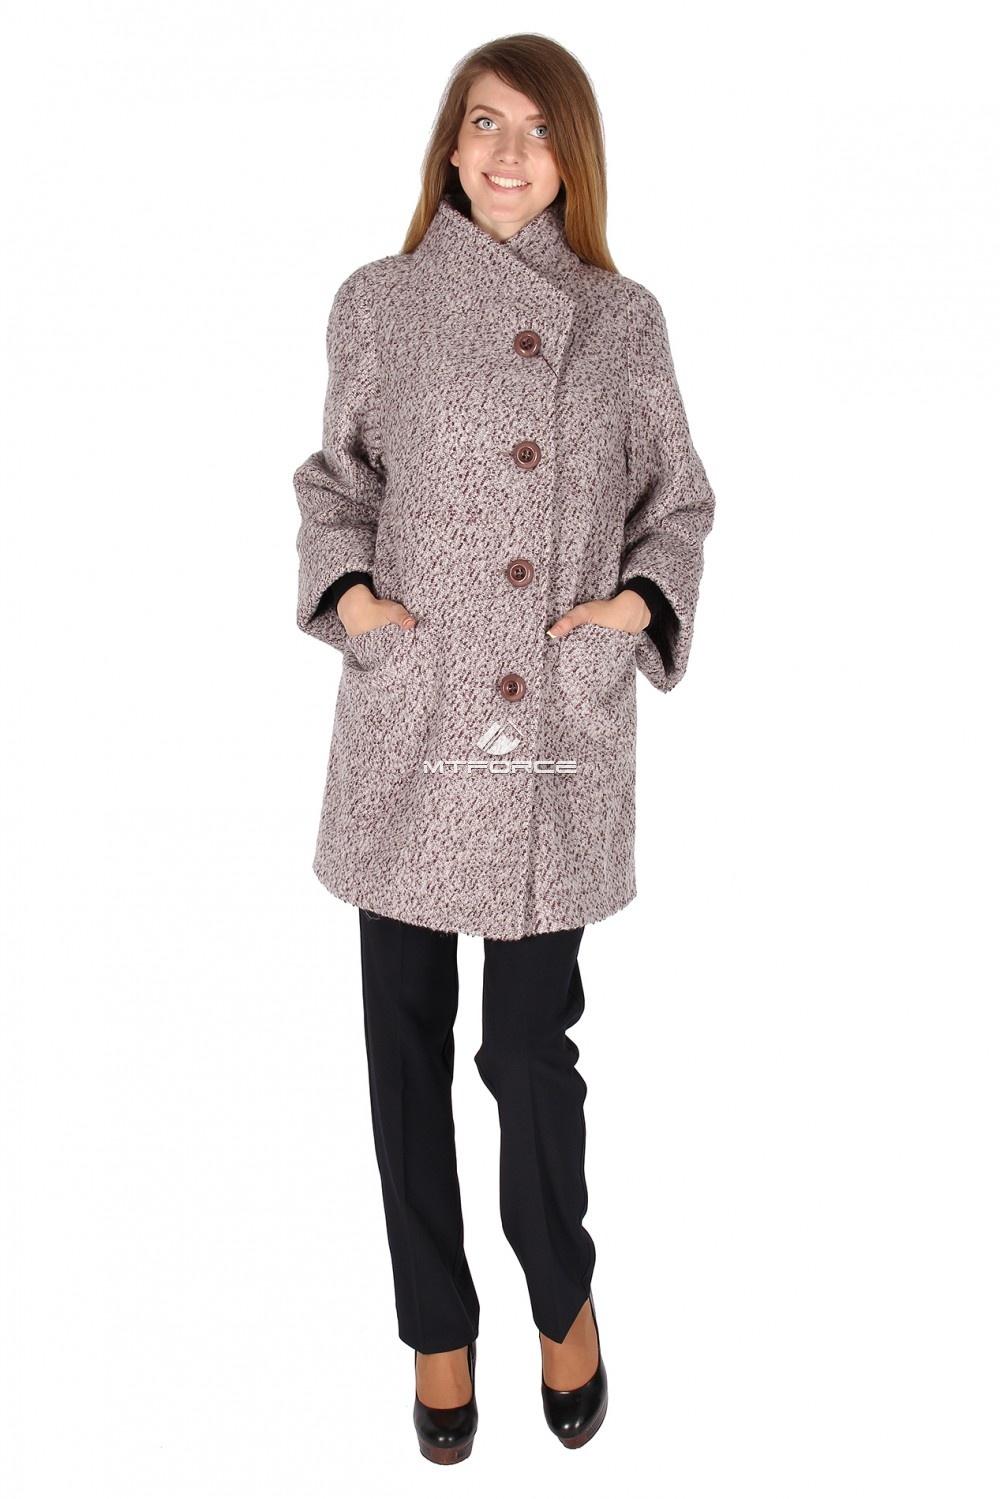 Купить оптом Пальто женское светло-коричневого цвета 16257SK в Санкт-Петербурге